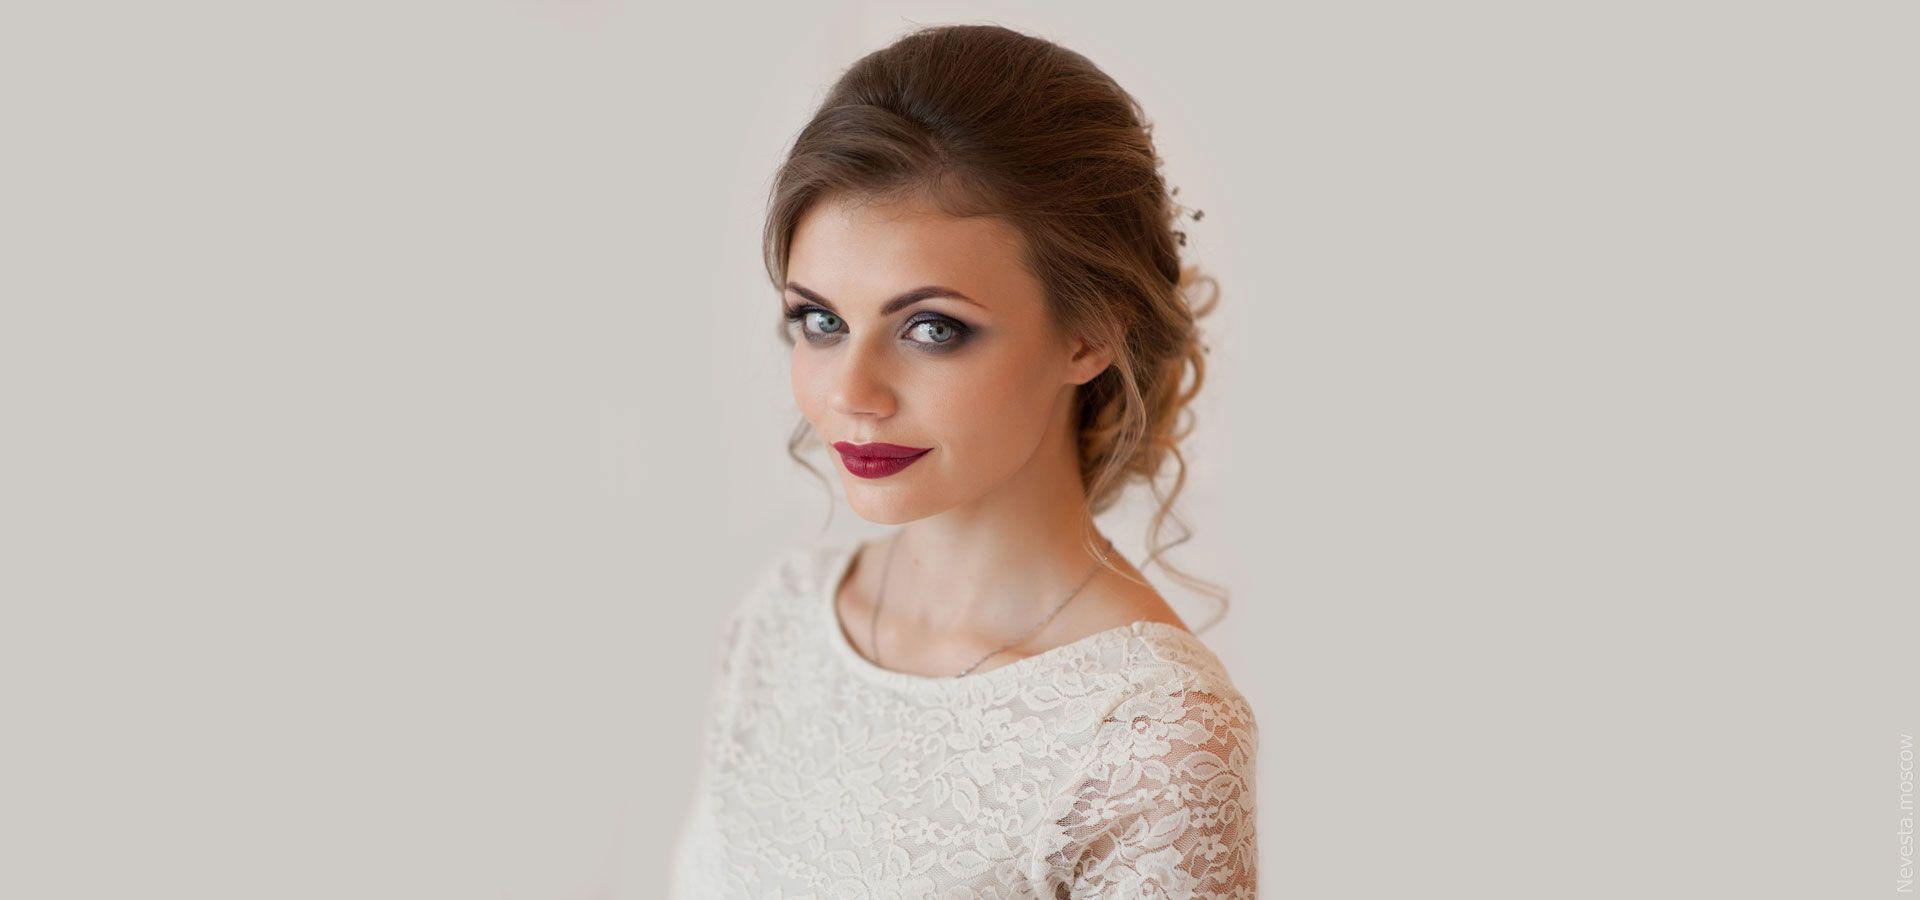 макияж от стилиста, фото 1